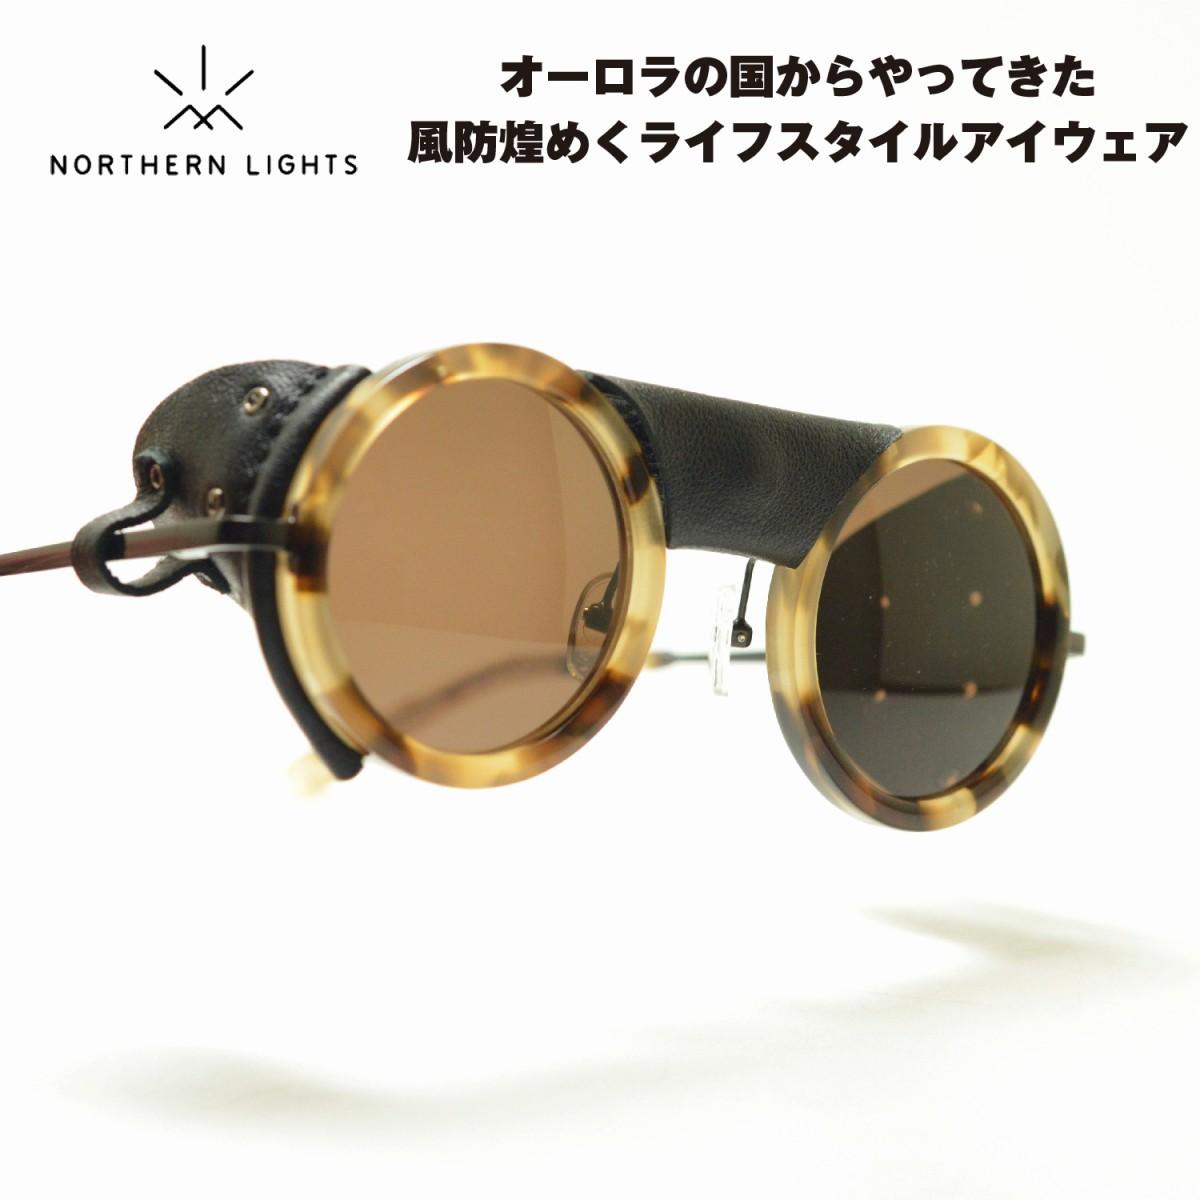 NORTHERN LIGHTS ノーザンライツ NL-7-032 ソーラー/ブラウンメガネ 眼鏡 めがね メンズ レディース おしゃれ ブランド 人気 おすすめ フレーム 流行り 度付き レンズ サングラス